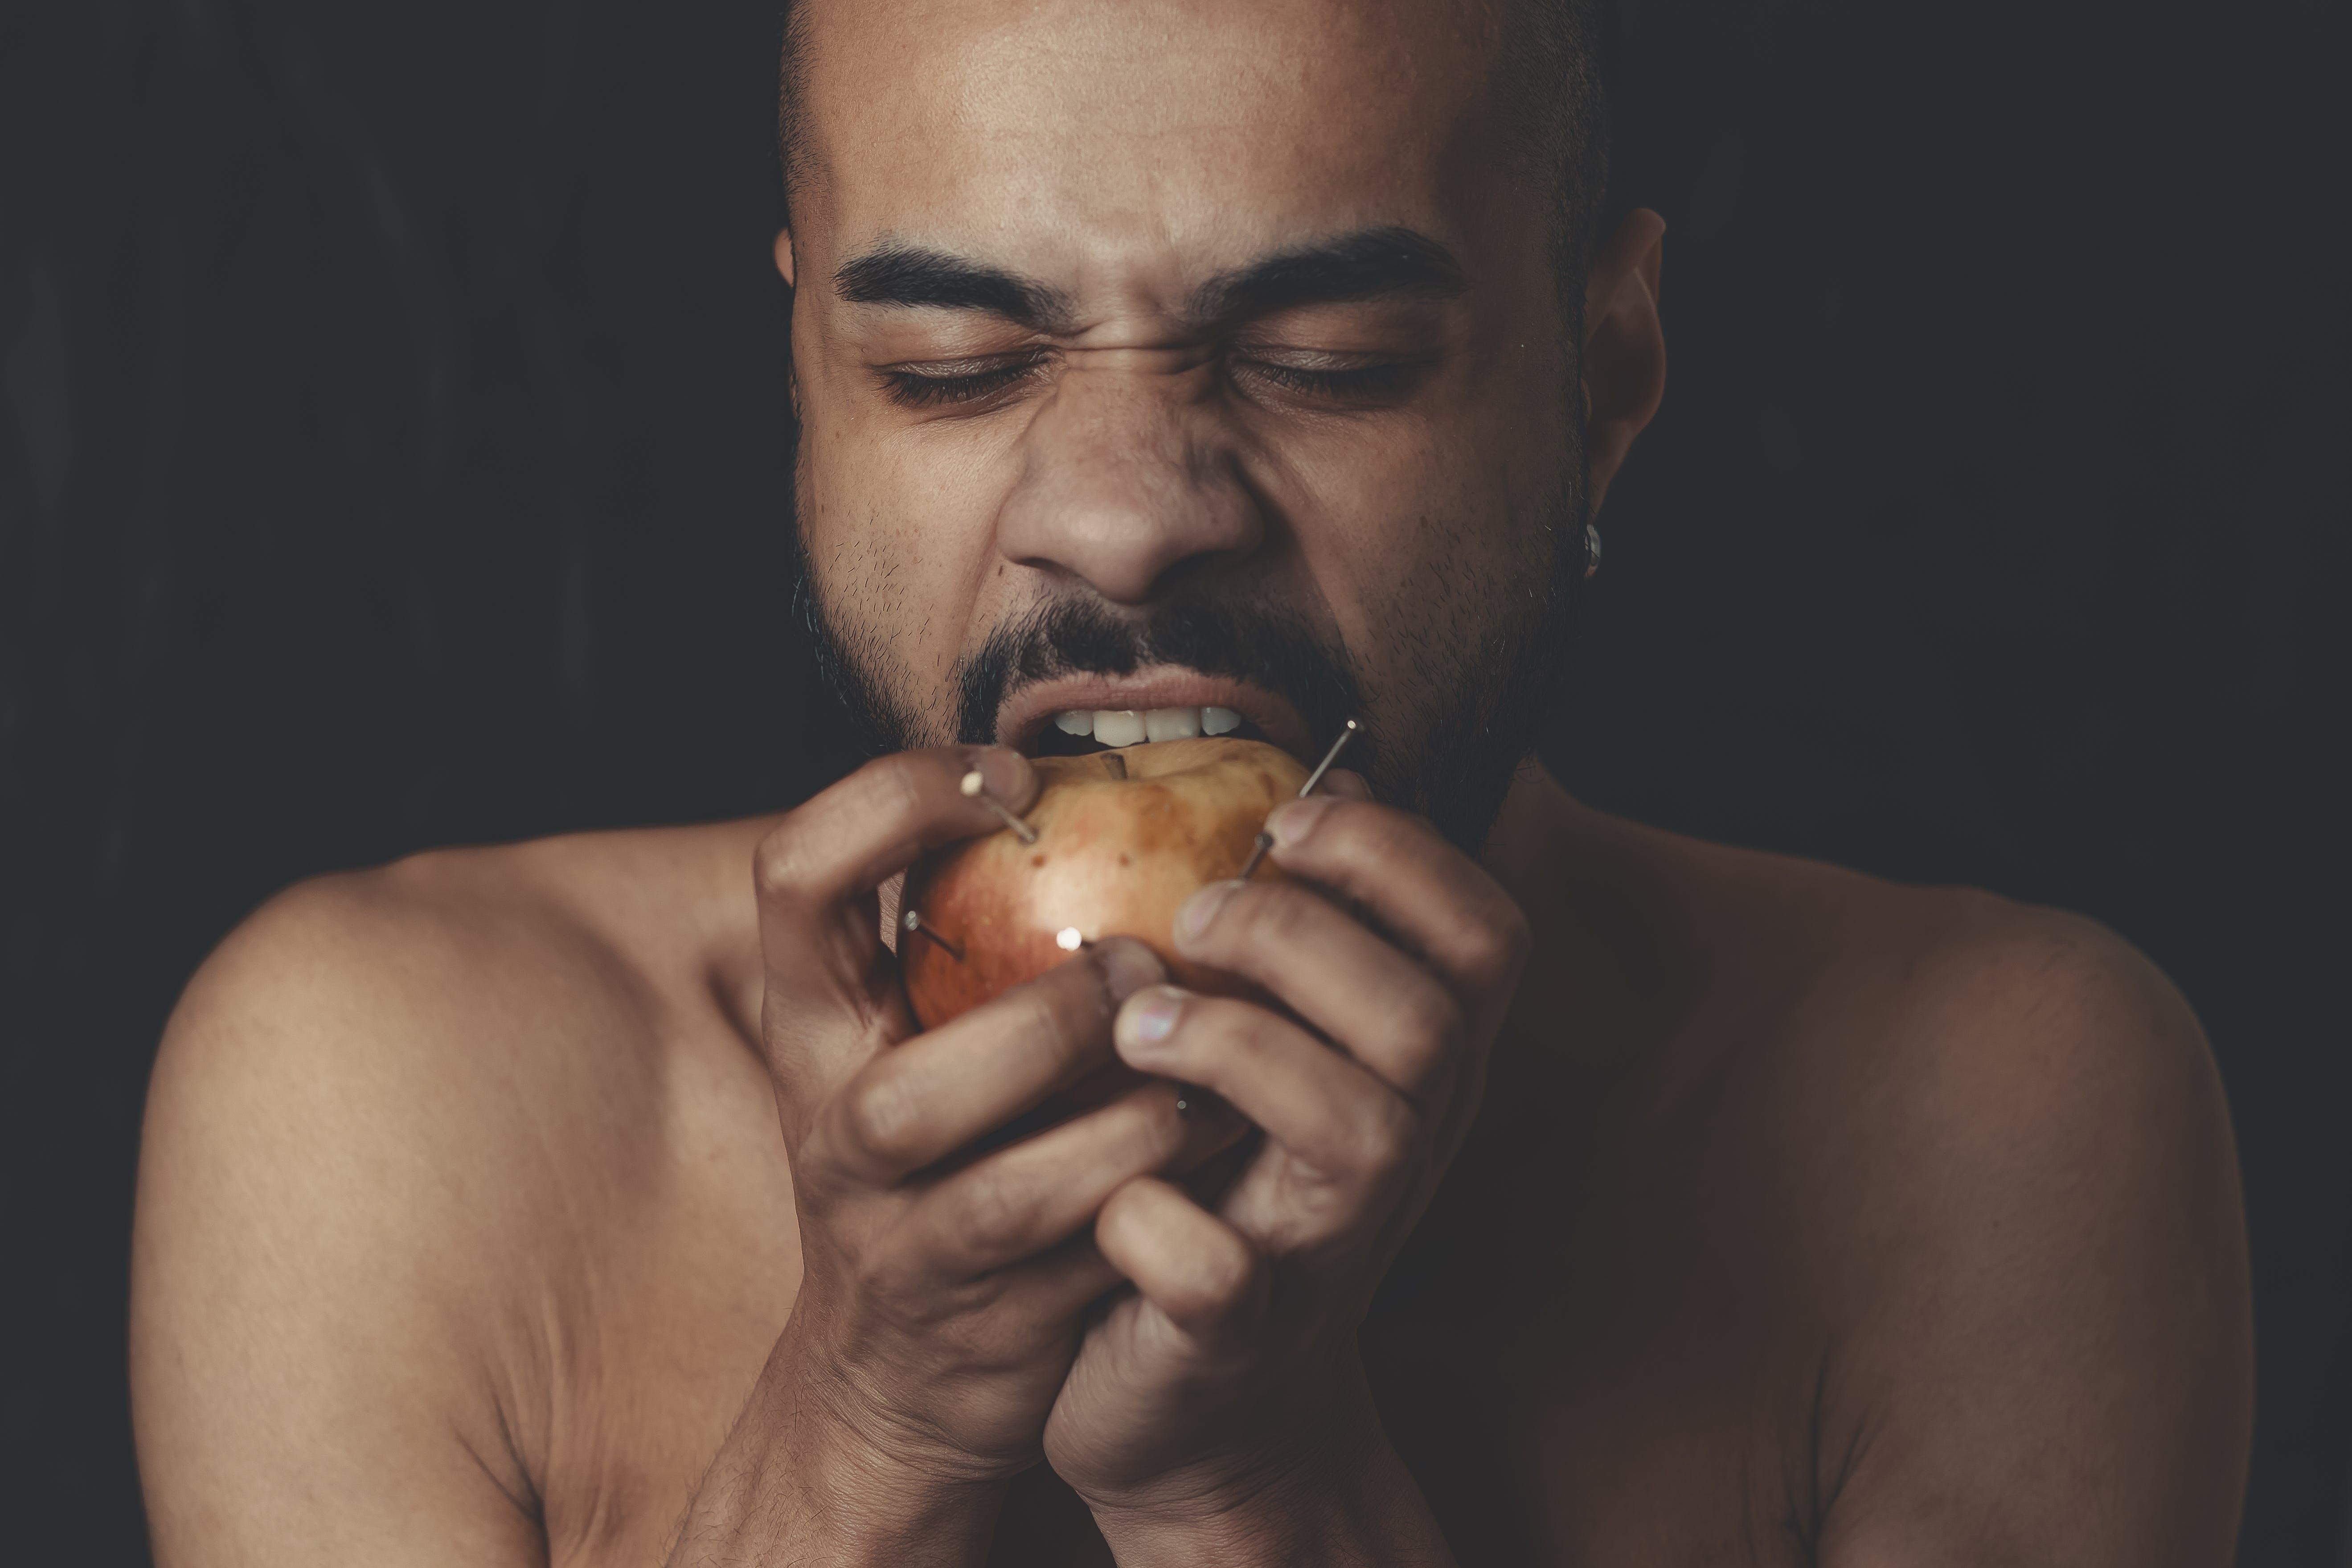 Man Biting Apple Fruit